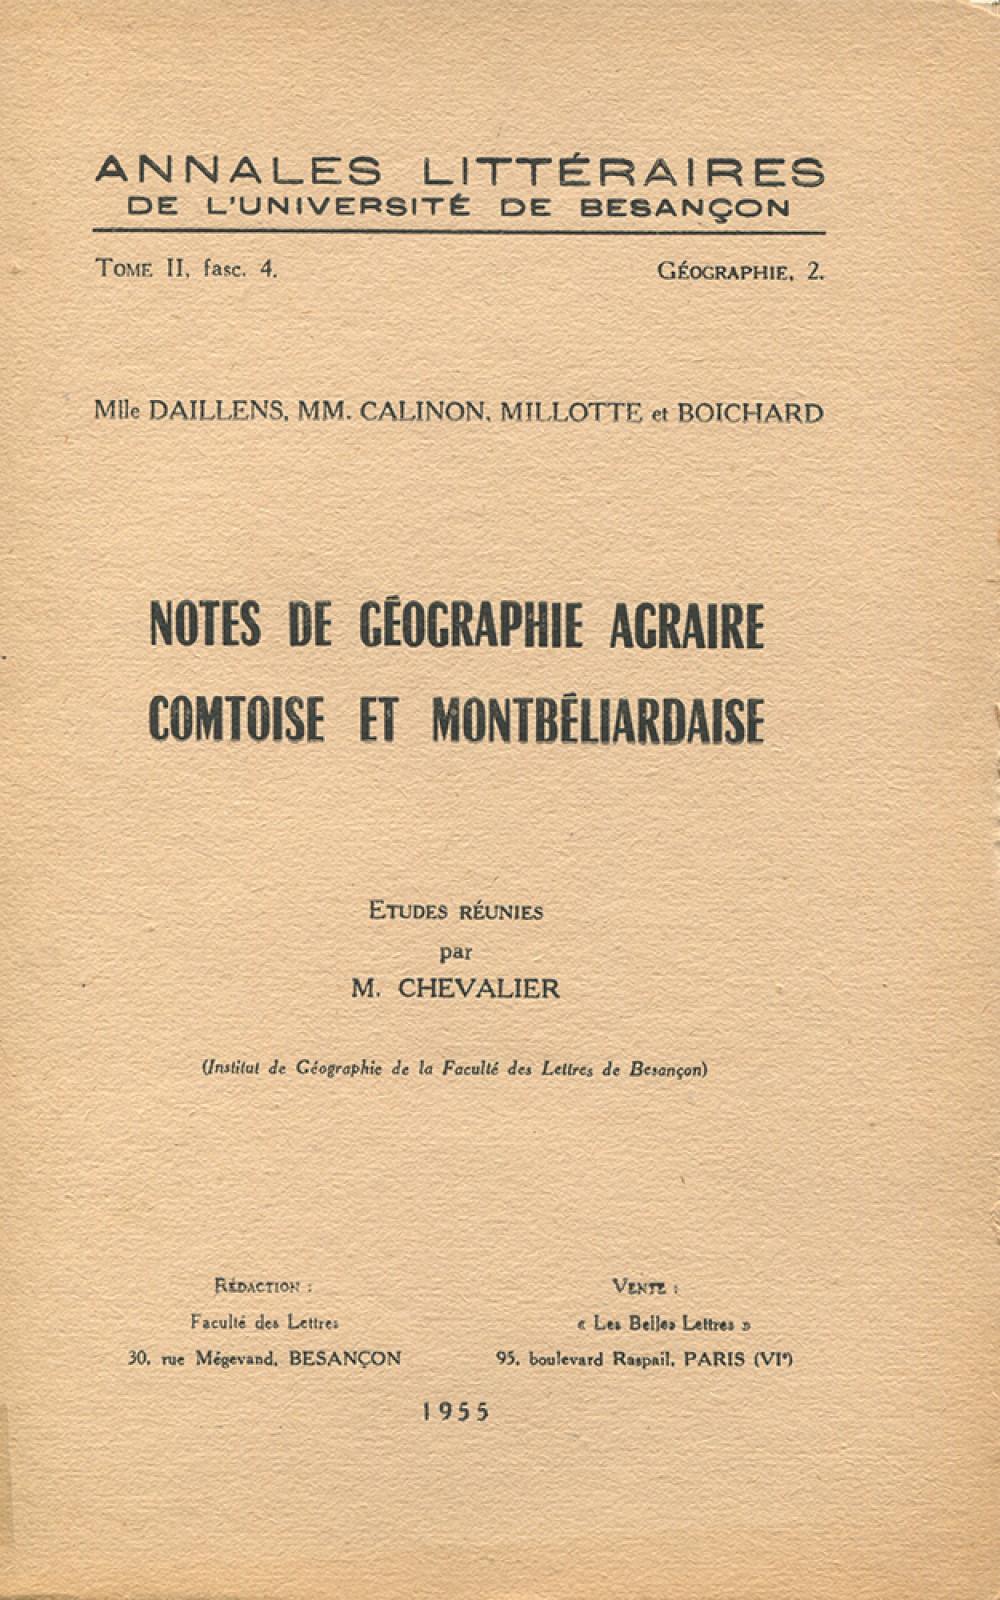 Notes de géographie agraire comtoise et montbéliardaise